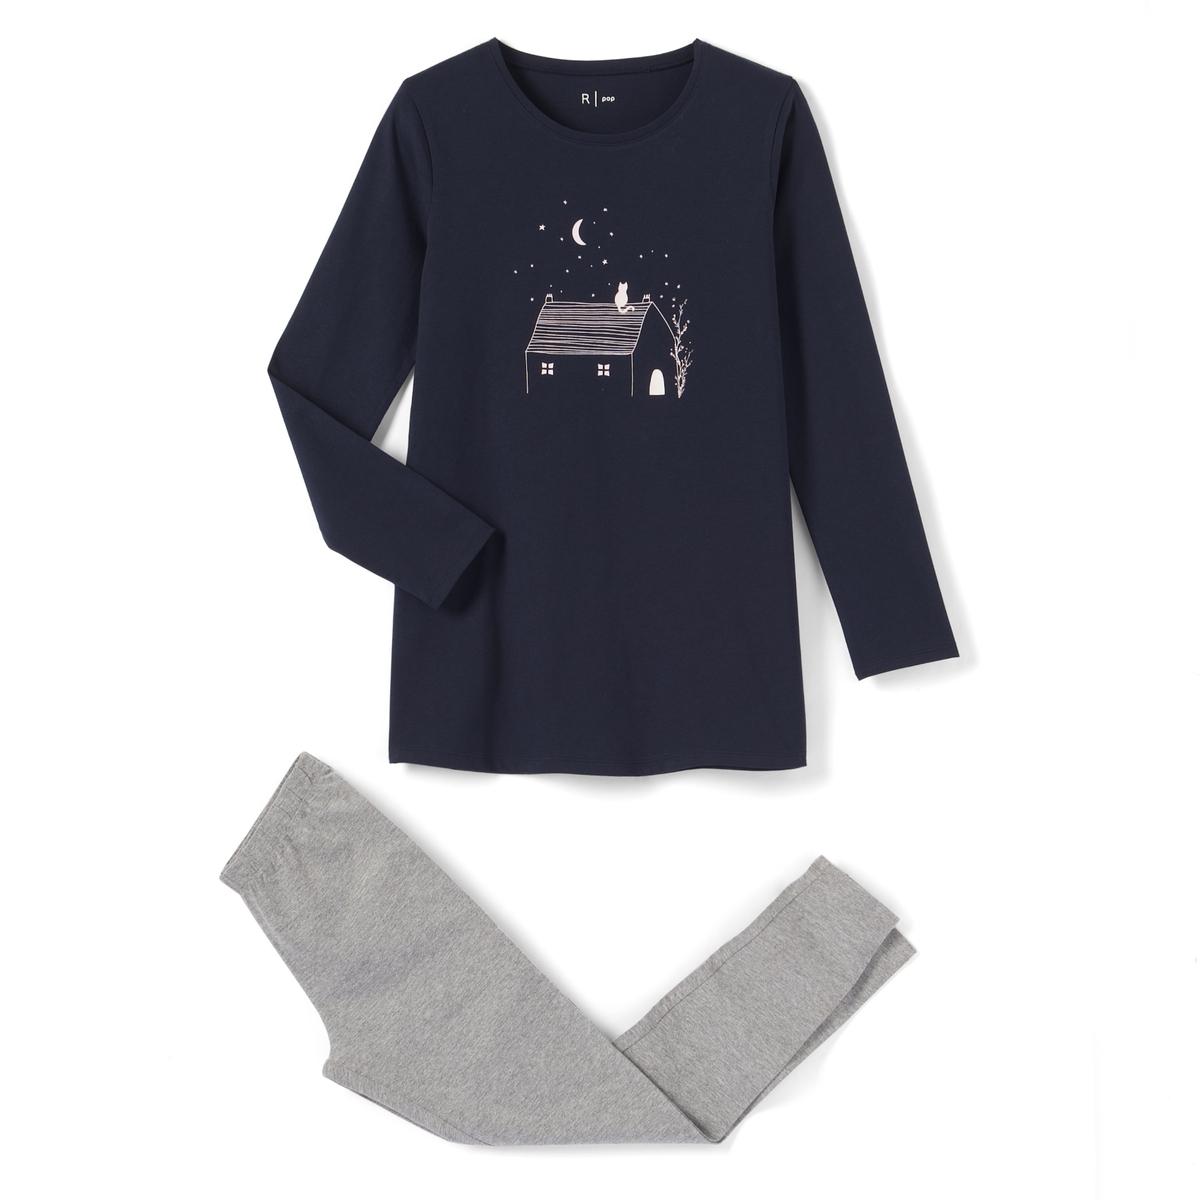 Пижама хлопковая, 10-16 летОписание:Пижама состоит из футболки с длинными рукавами и леггинсов . Футболка с рисунком ночной пейзаж спереди. Круглый вырез. Длинные леггинсы на эластичном поясе.Состав и описание : Материал      Футболка из джерси, 100% хлопок                 Леггинсы из трикотажа стрейч, 95% хлопка, 5% эластанаУход : Машинная стирка при 30°C с вещами подобных цветов.Стирка и глажка с изнаночной стороны.Машинная сушка на умеренном режиме.Гладить при низкой температуре.<br><br>Цвет: синий морской